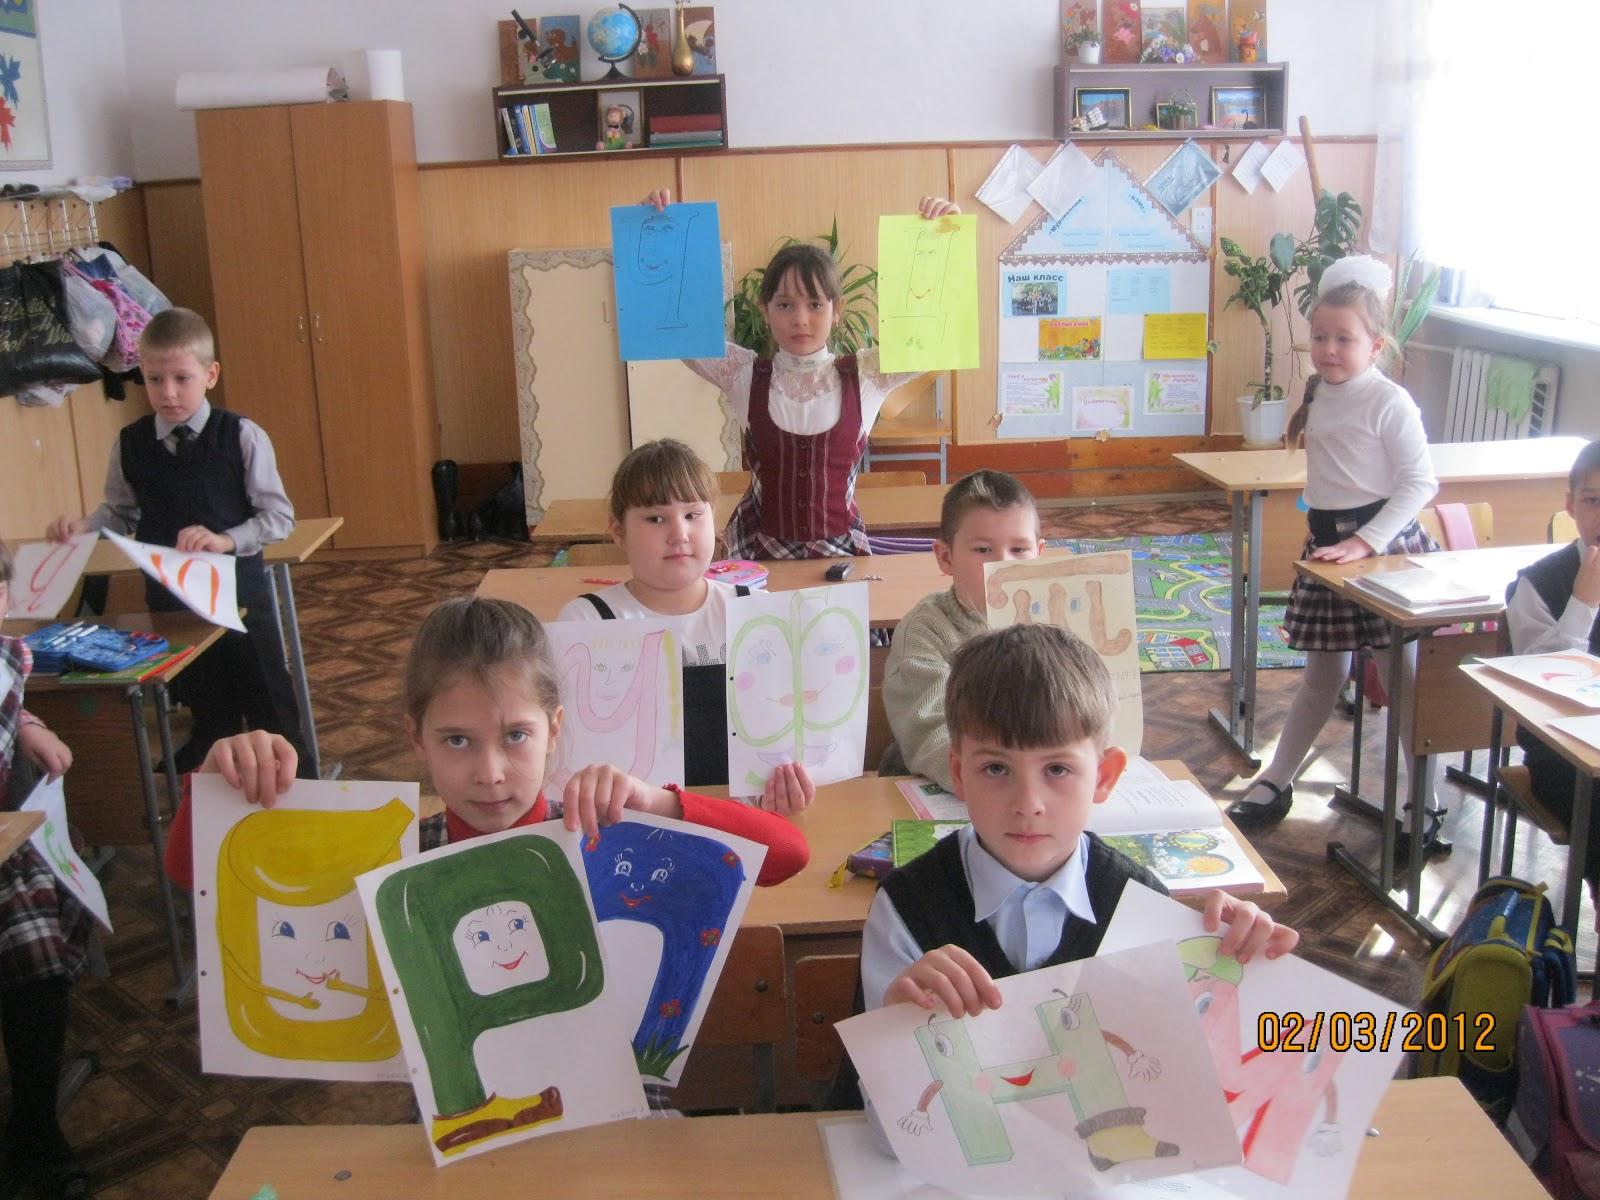 Проект азбука 1 класс фото от а до я в стихах своими руками фото